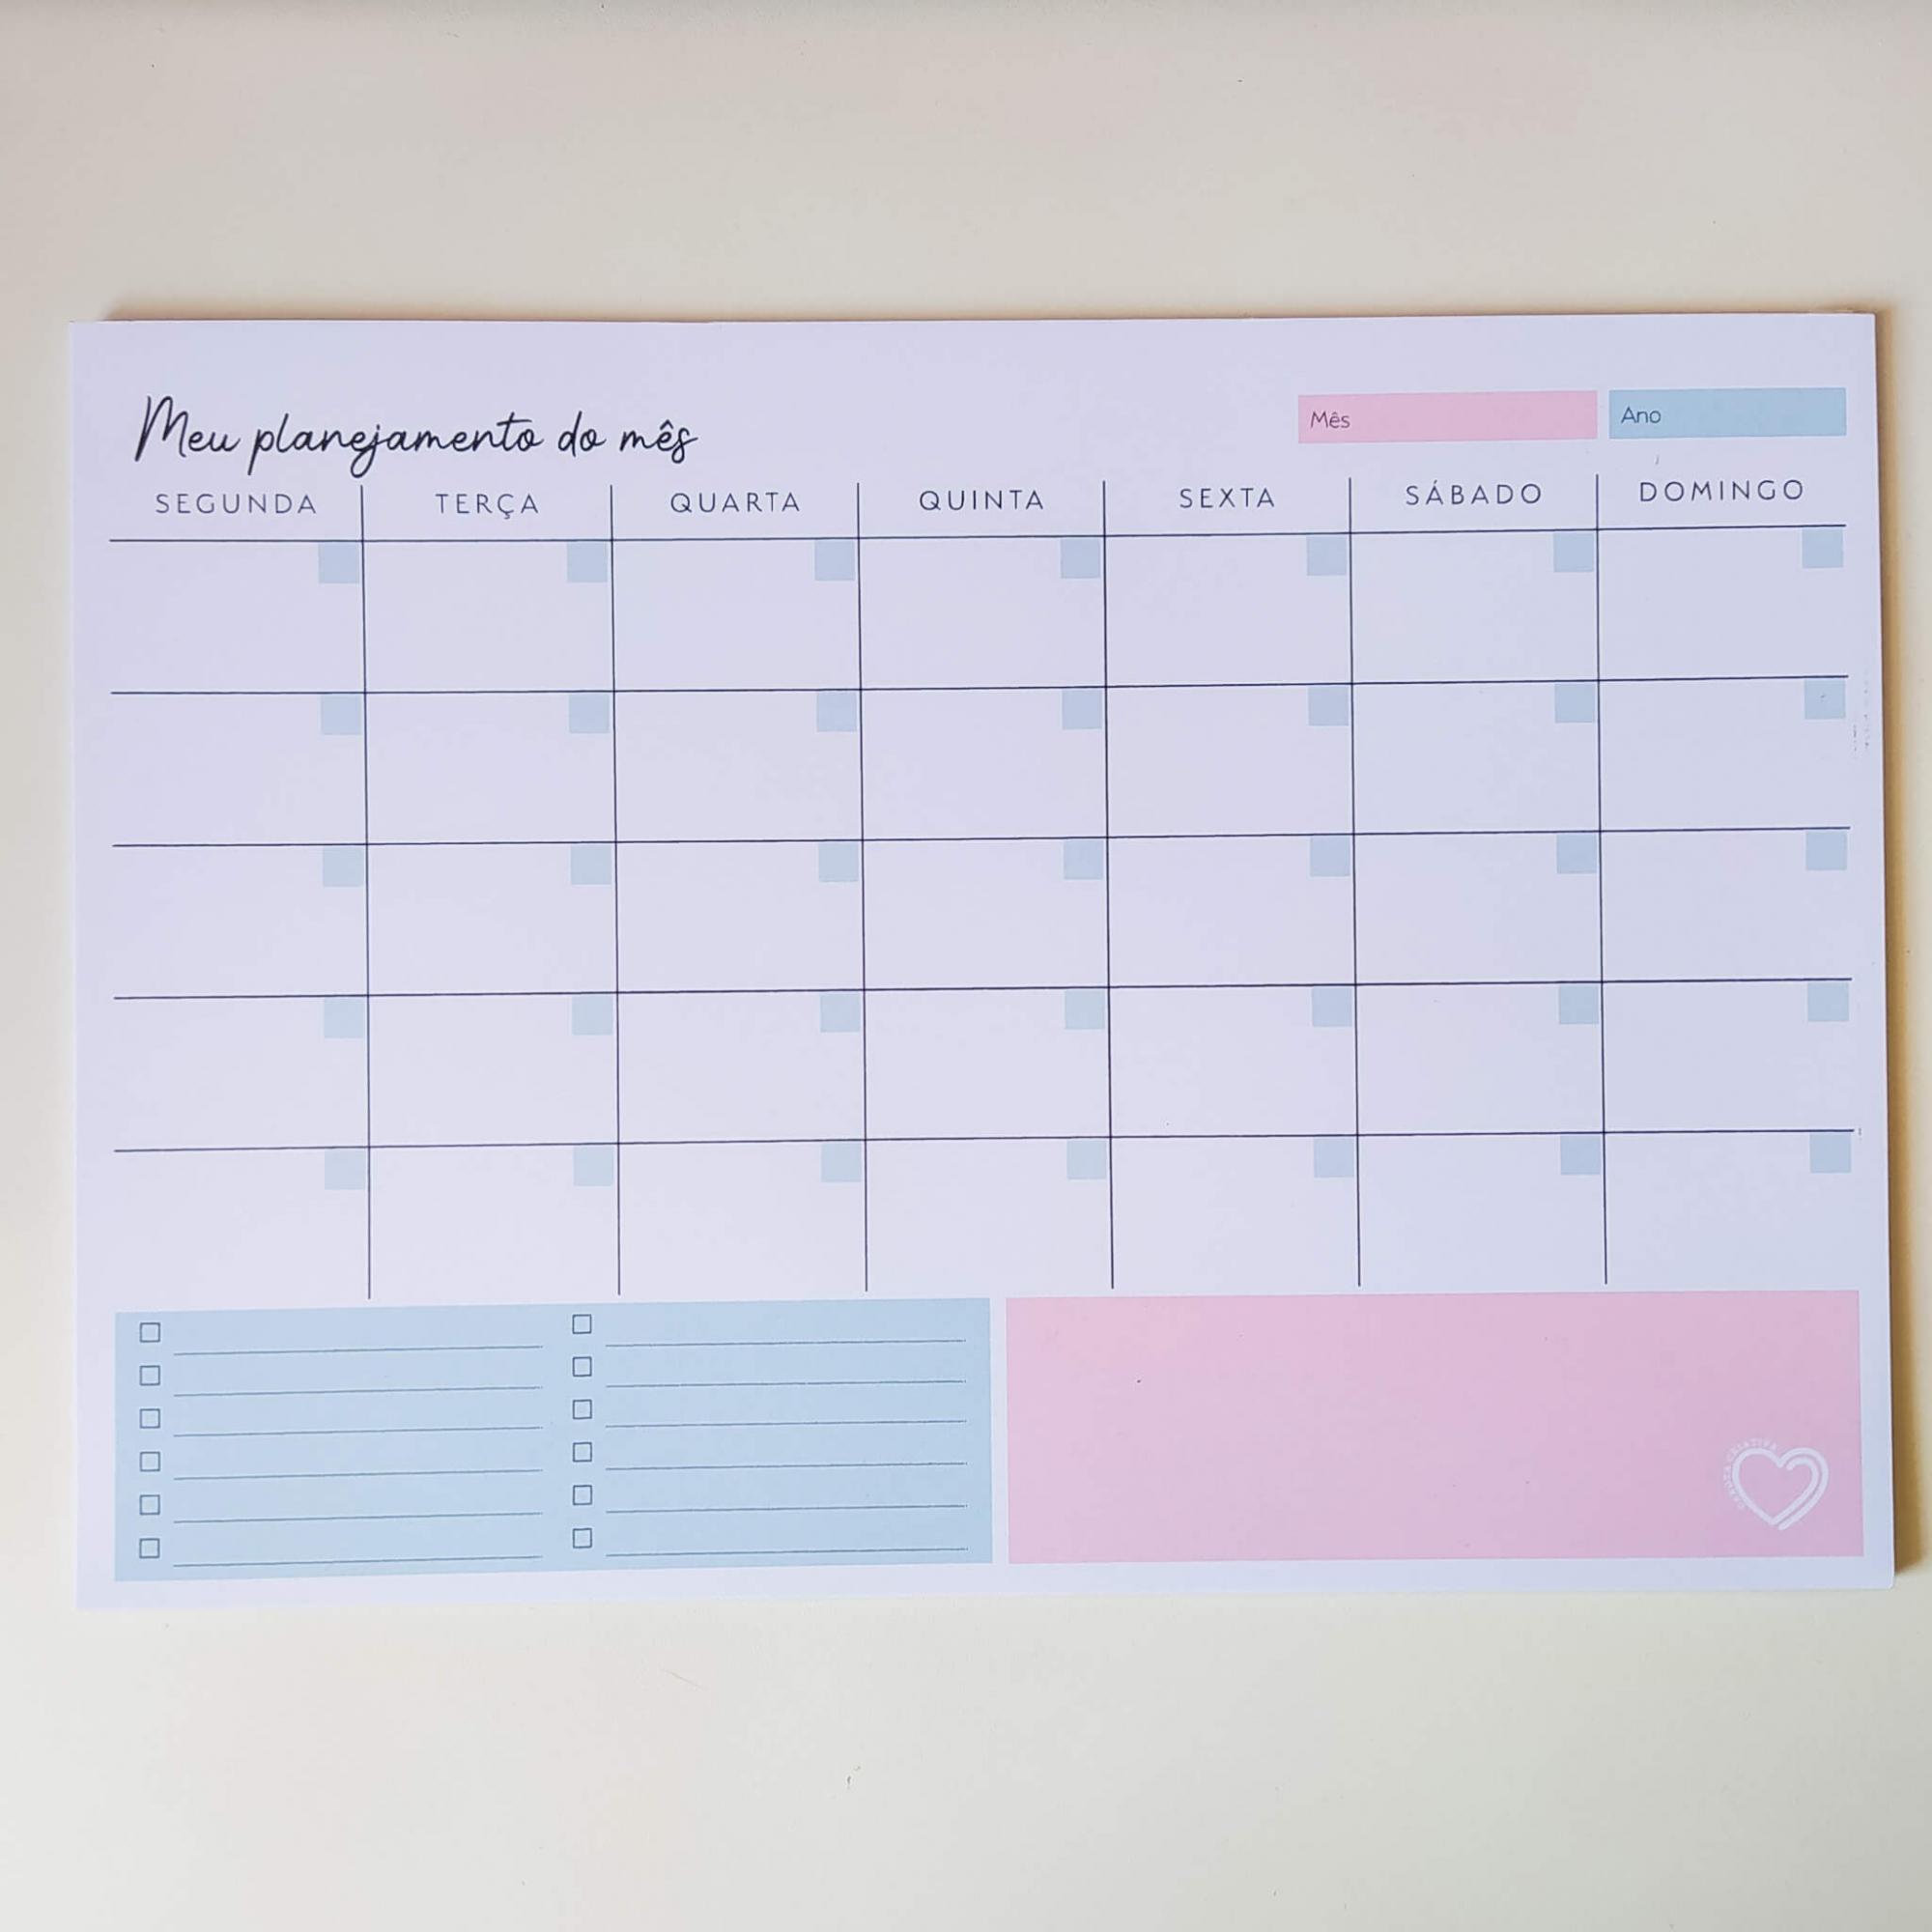 Bloco Meu planejamento do mês